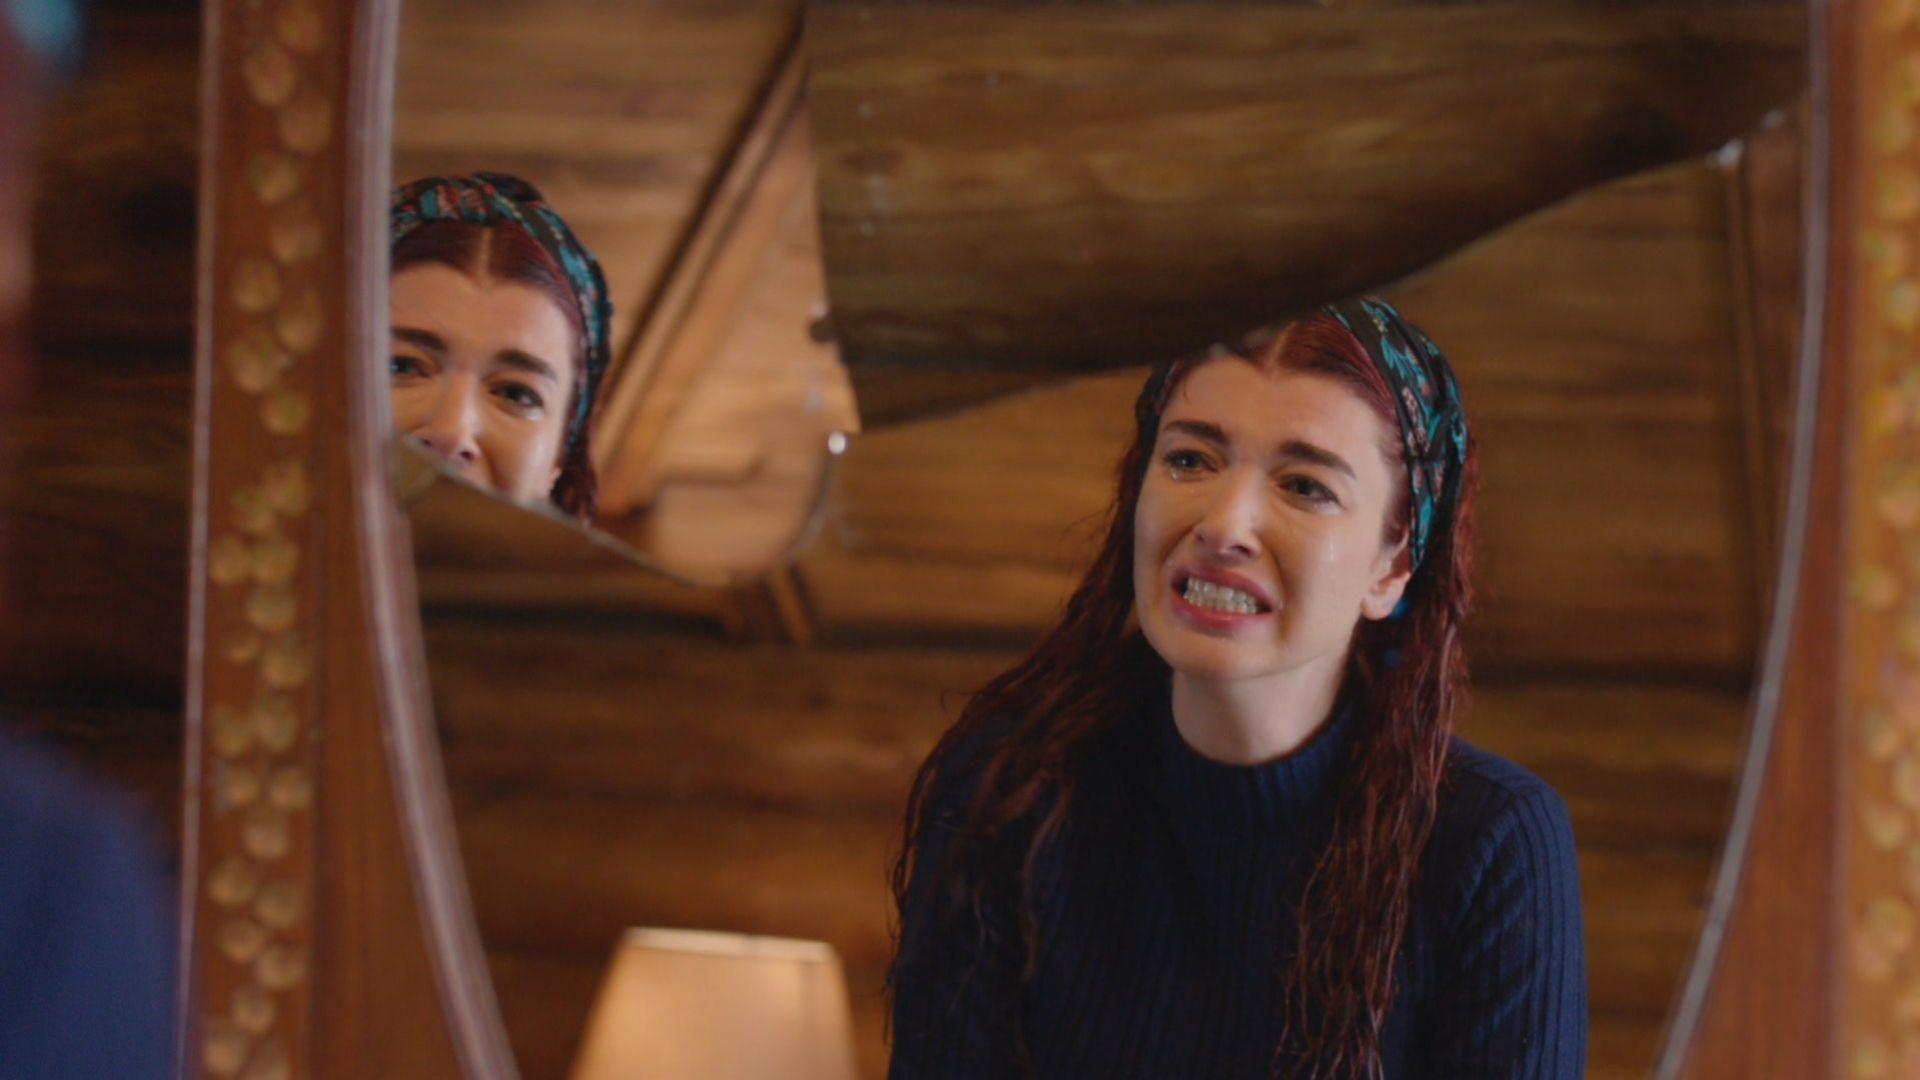 Kuzey Yıldızı İlk Aşk'ın 2. Bölümünde neler olacak?